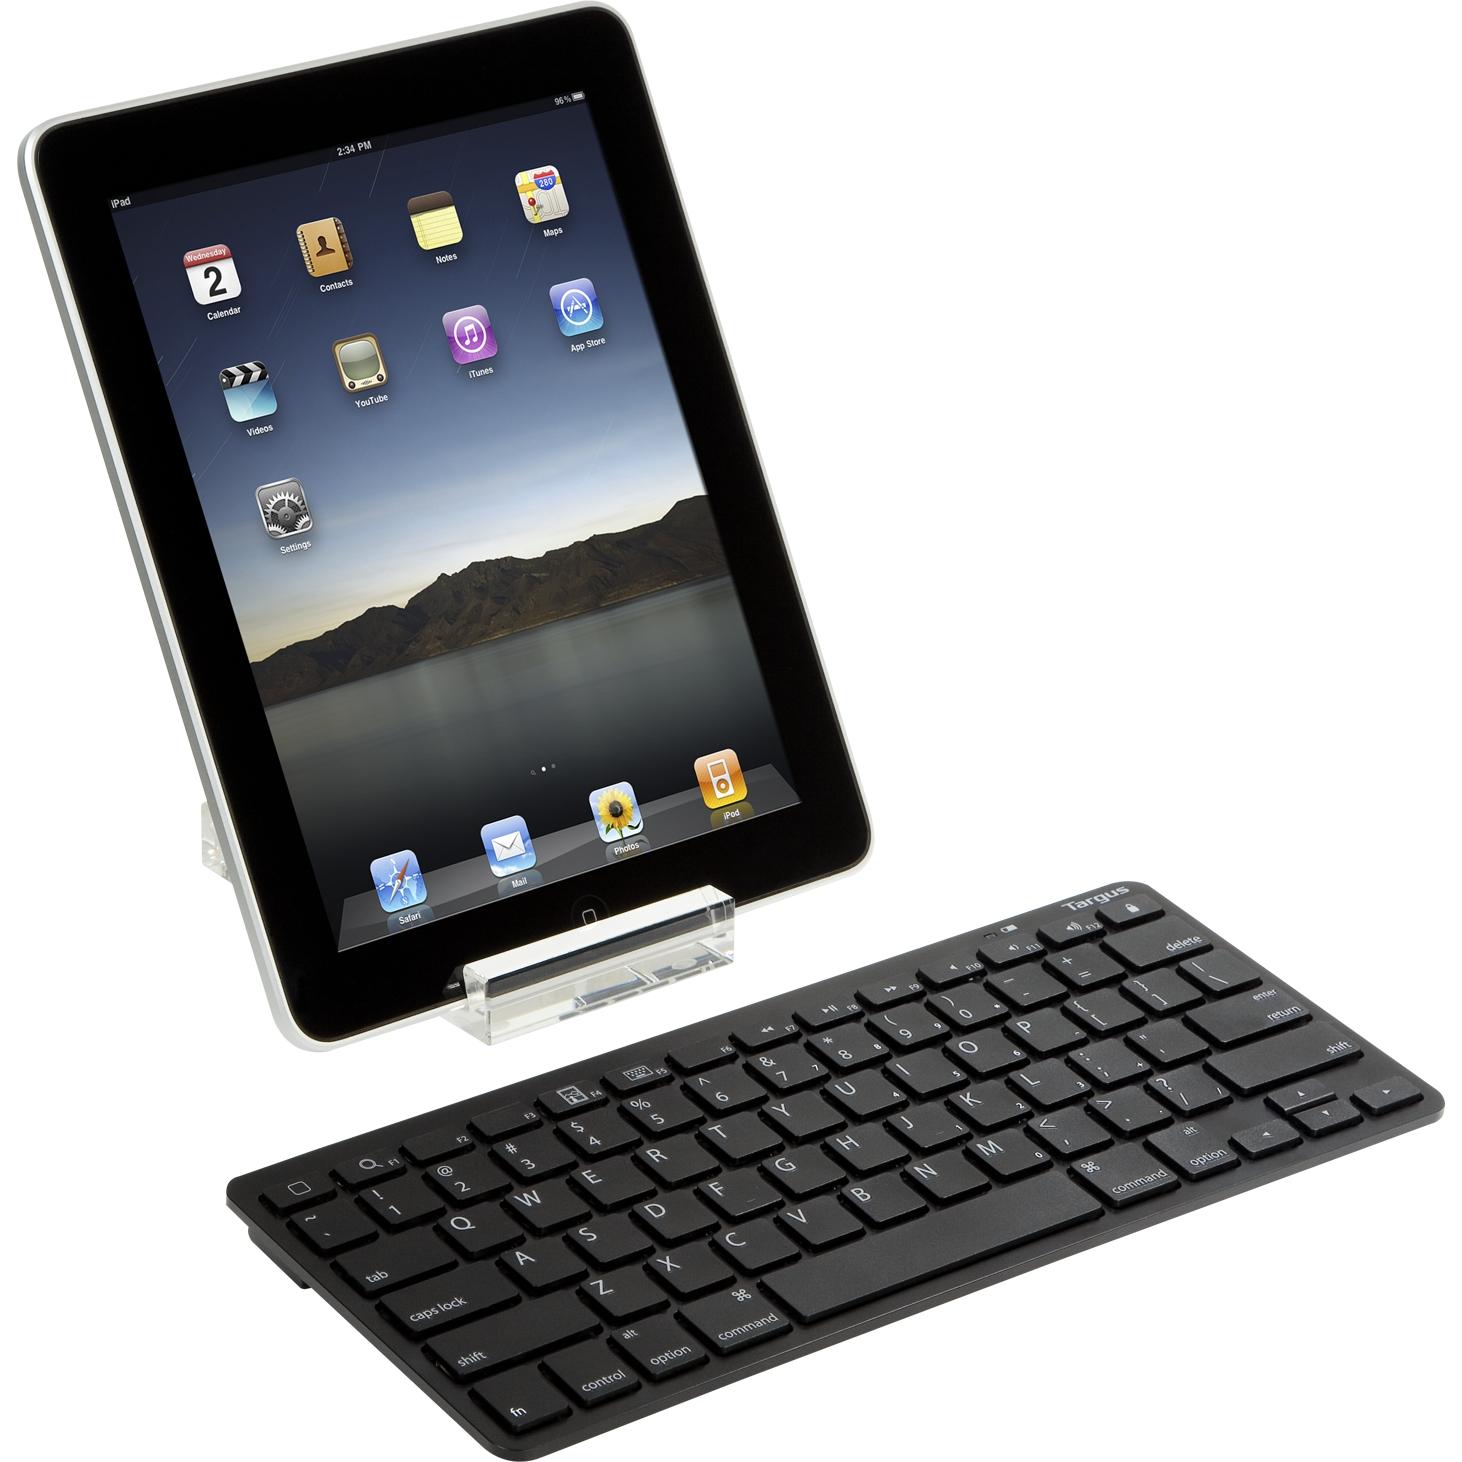 Ipad: Bluetooth Keyboard For IPad